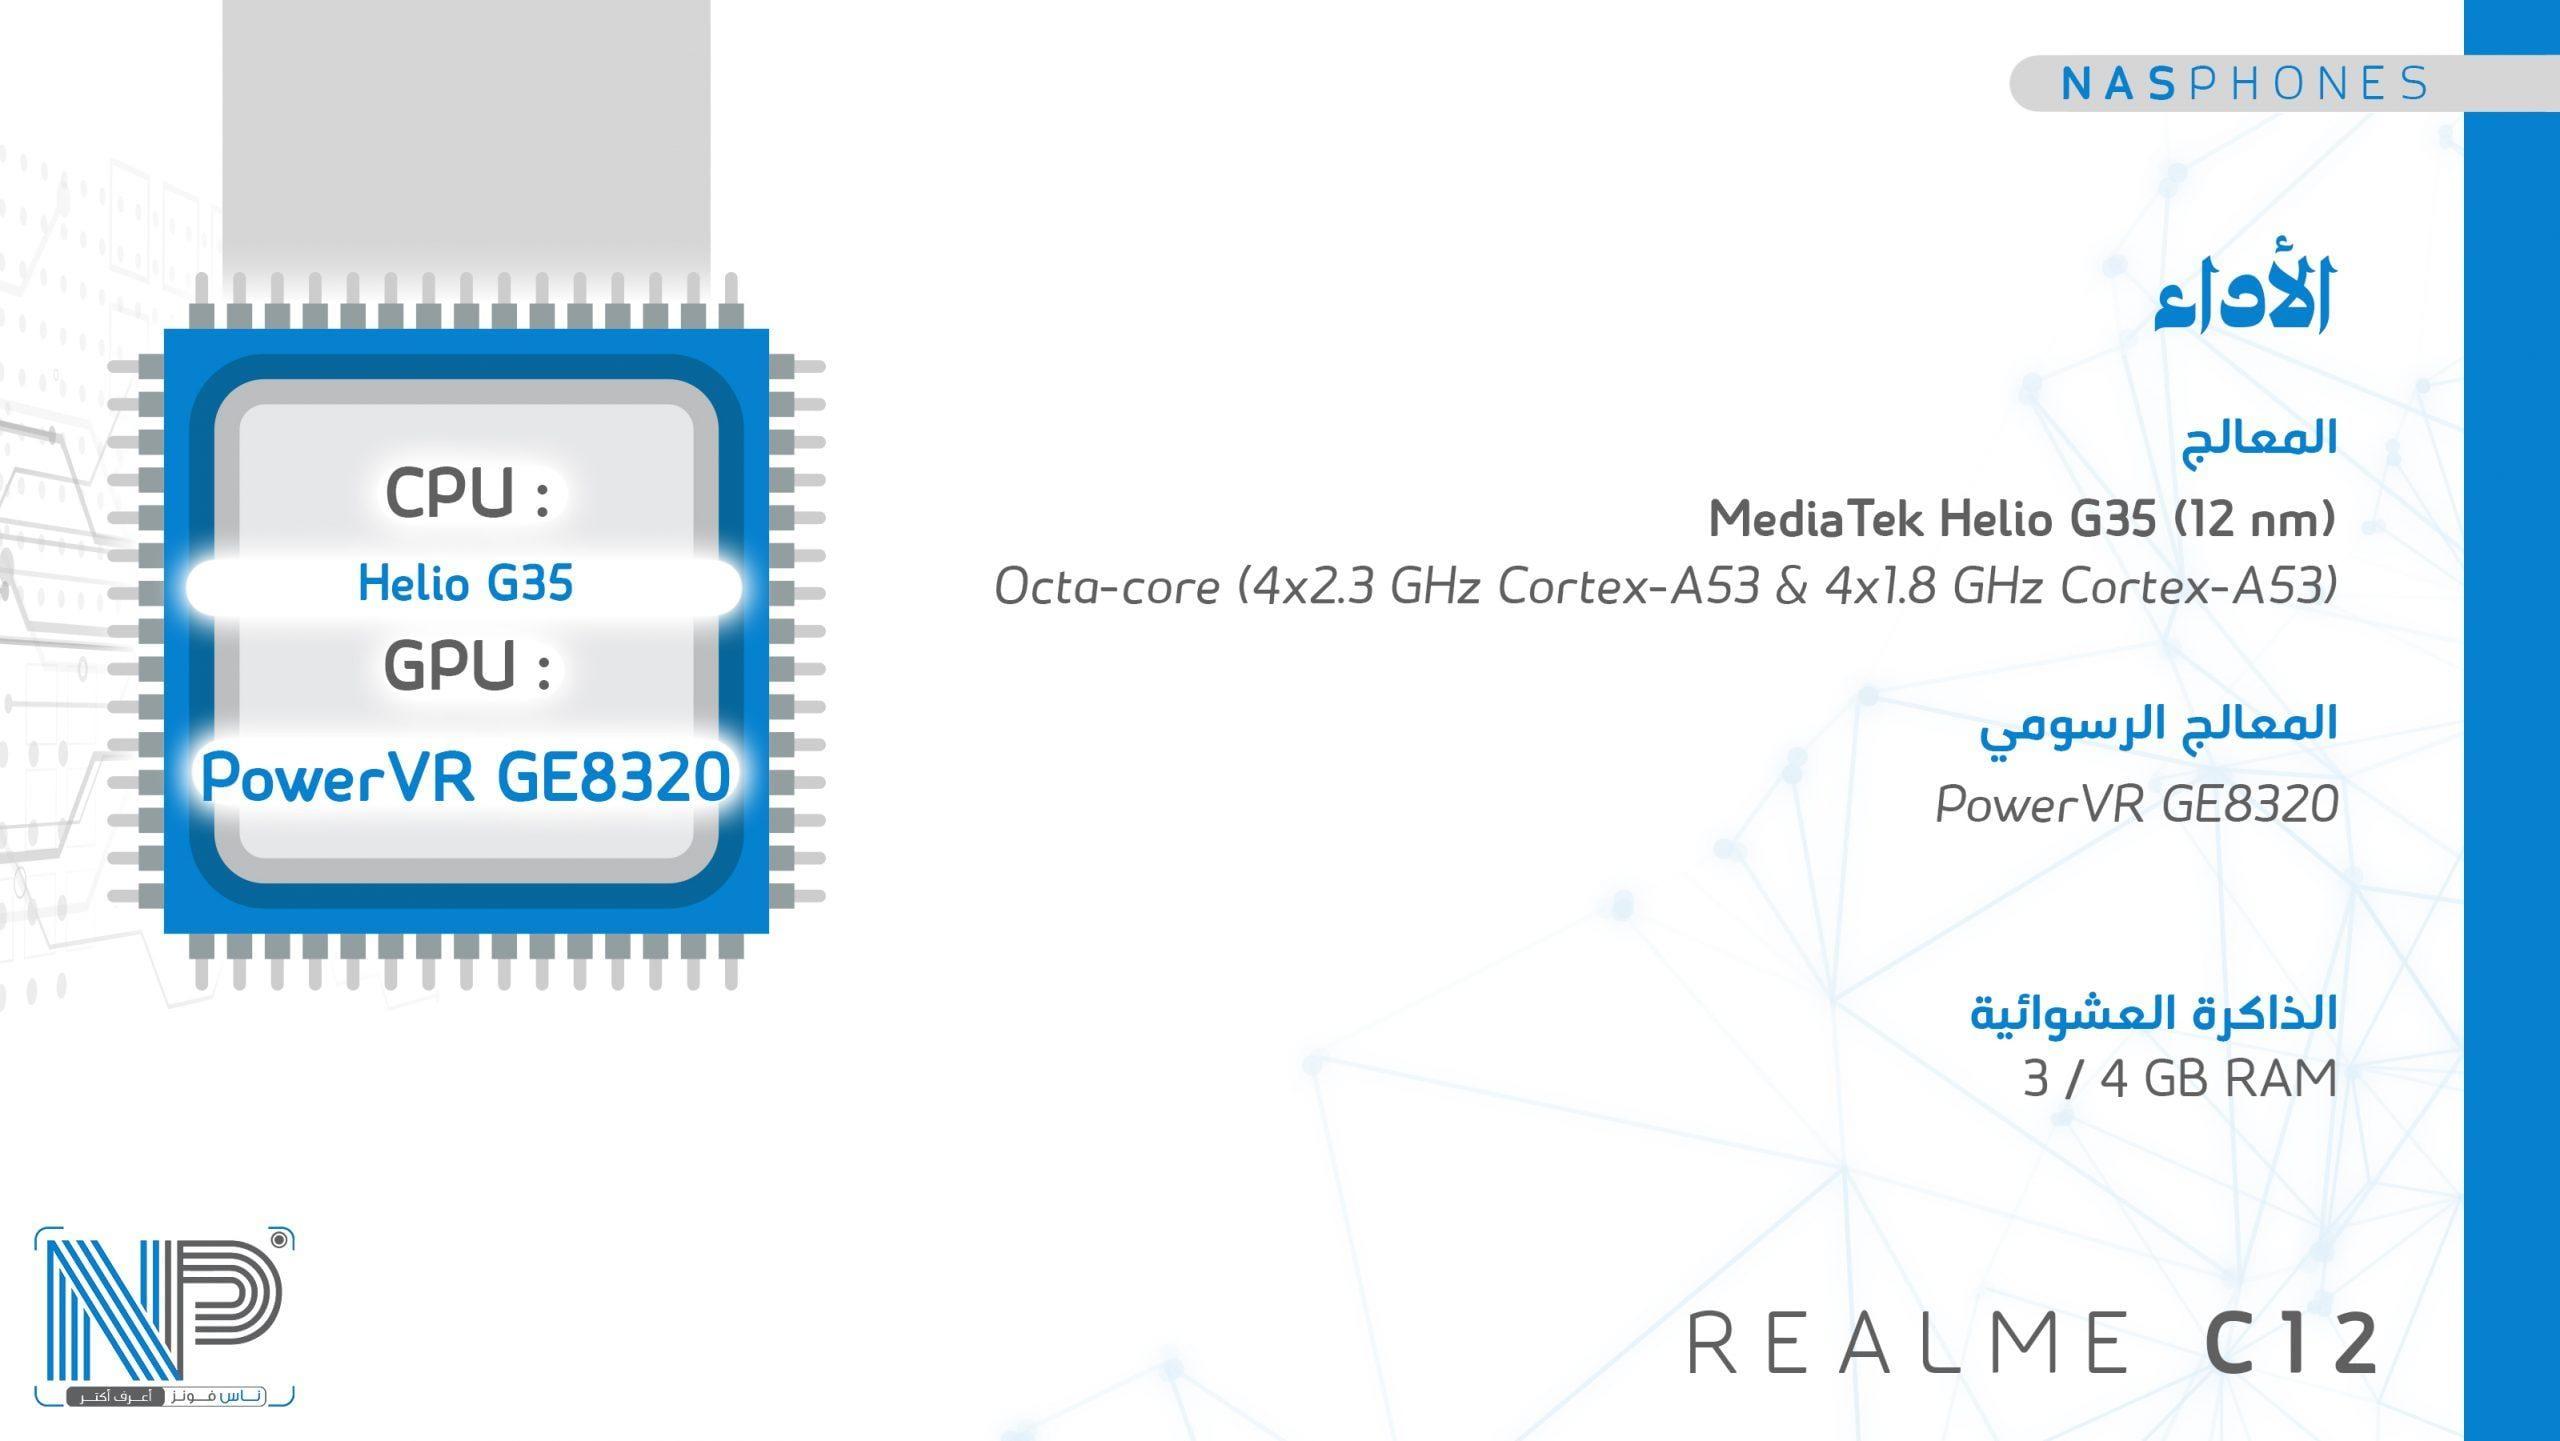 أداء موبايل realme C12